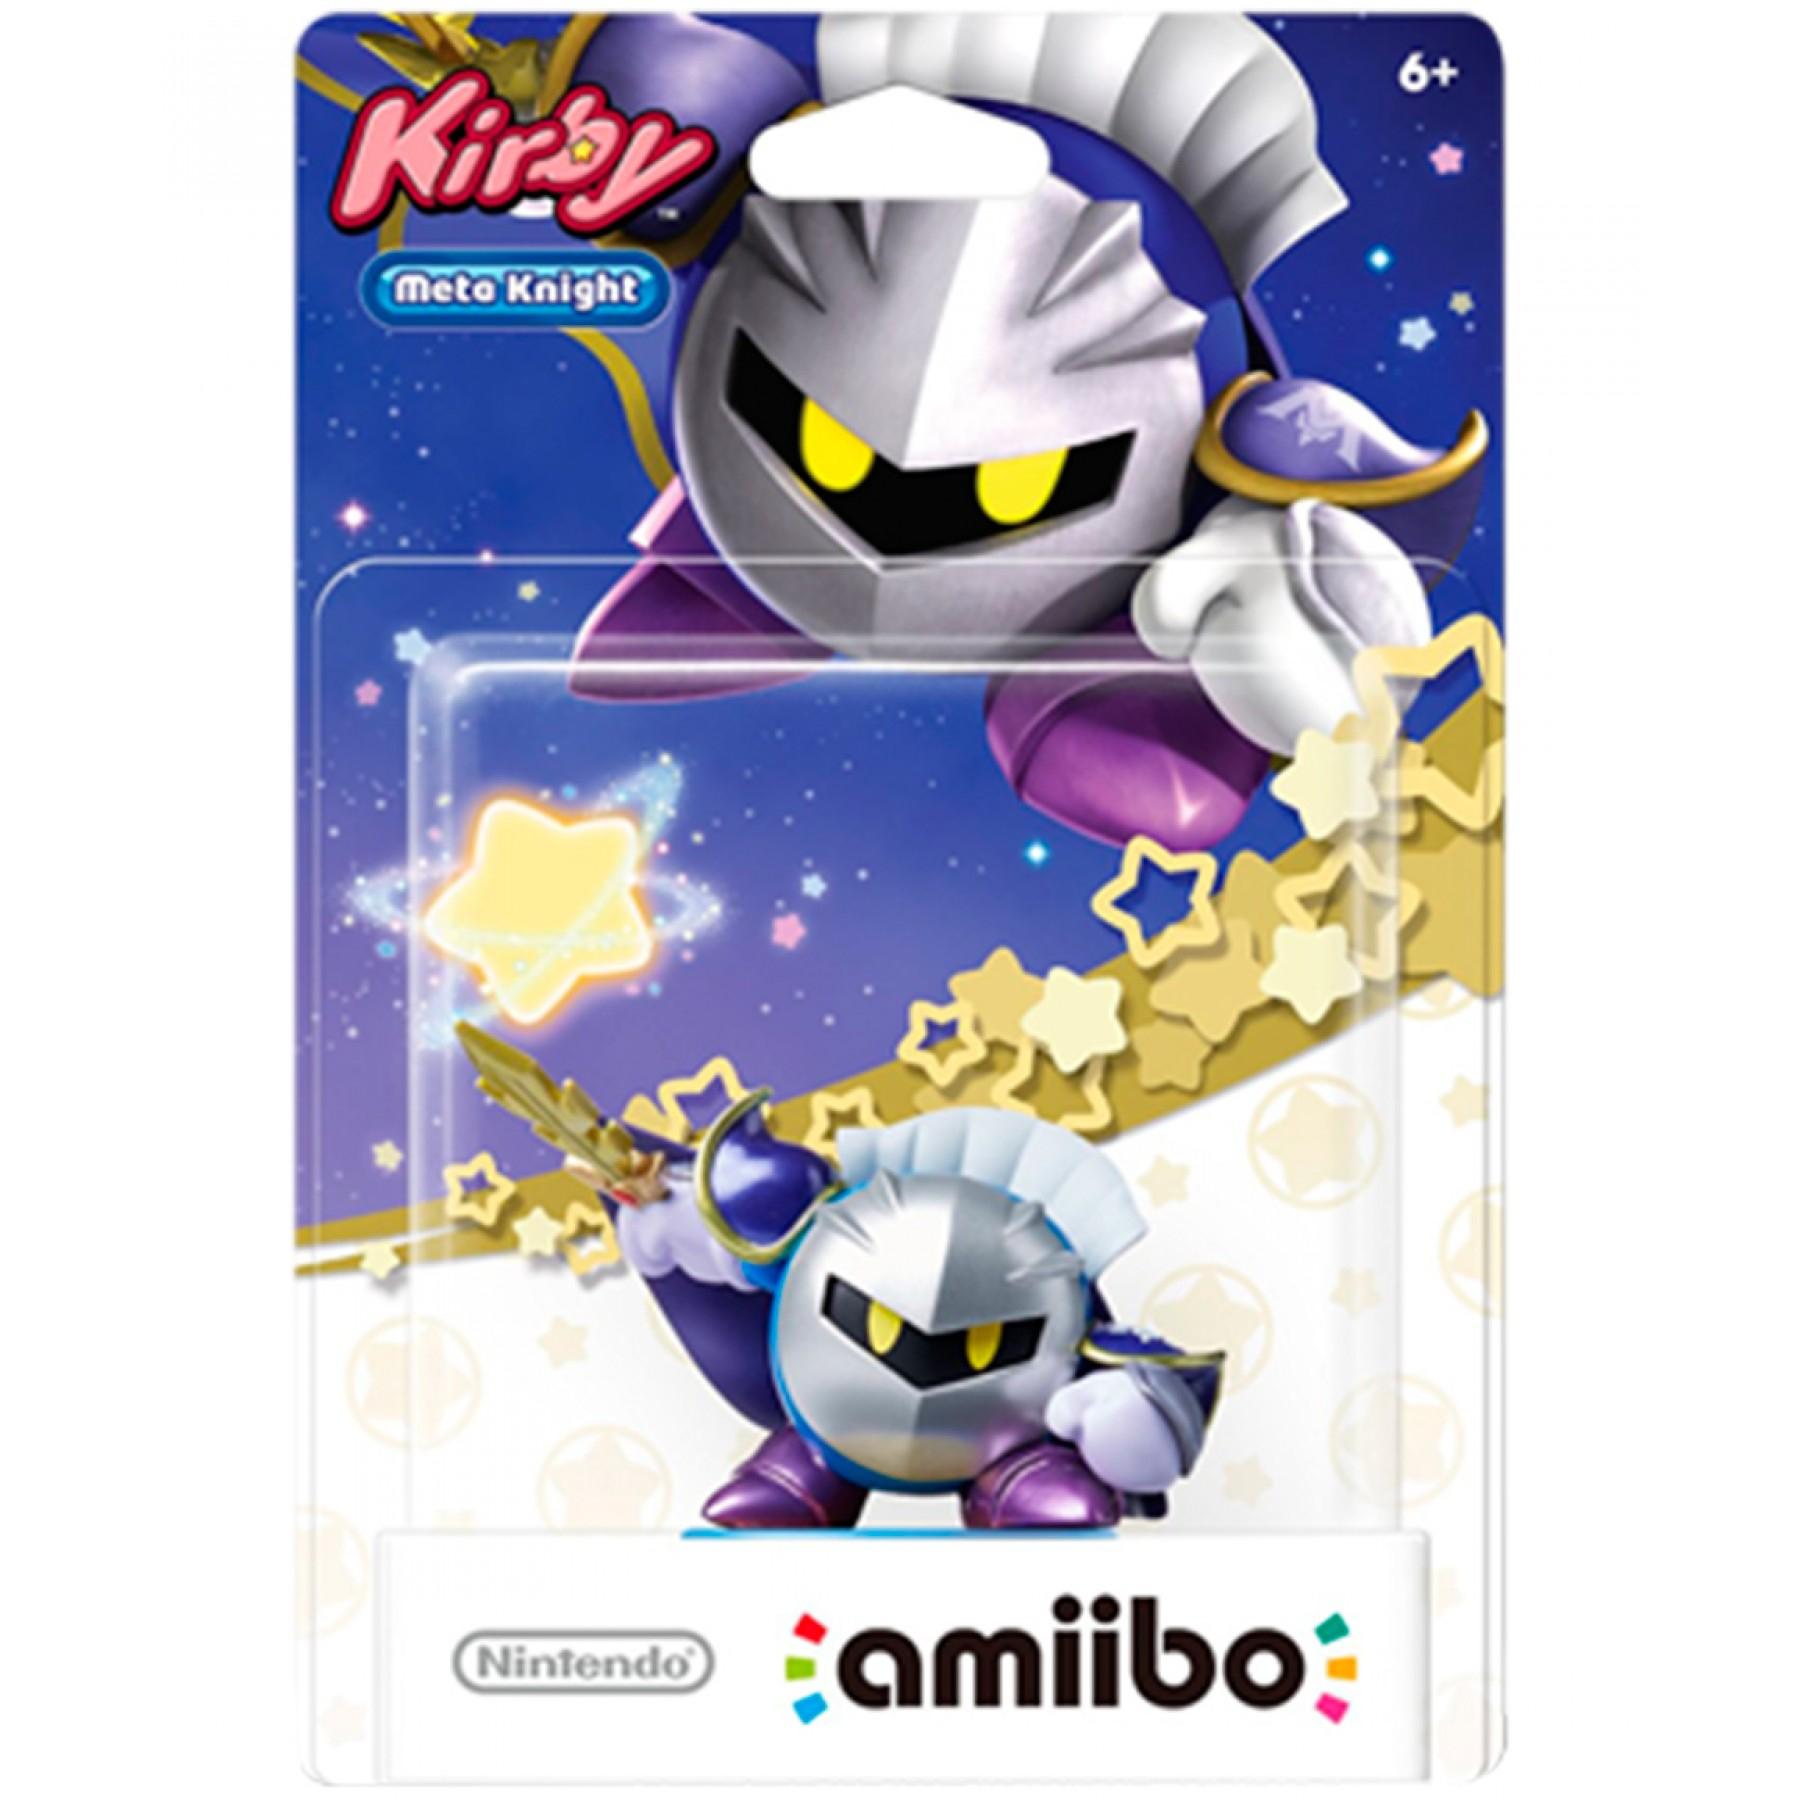 Palacio de Hierro: Amiibo Kirby Series: Meta Knight y más